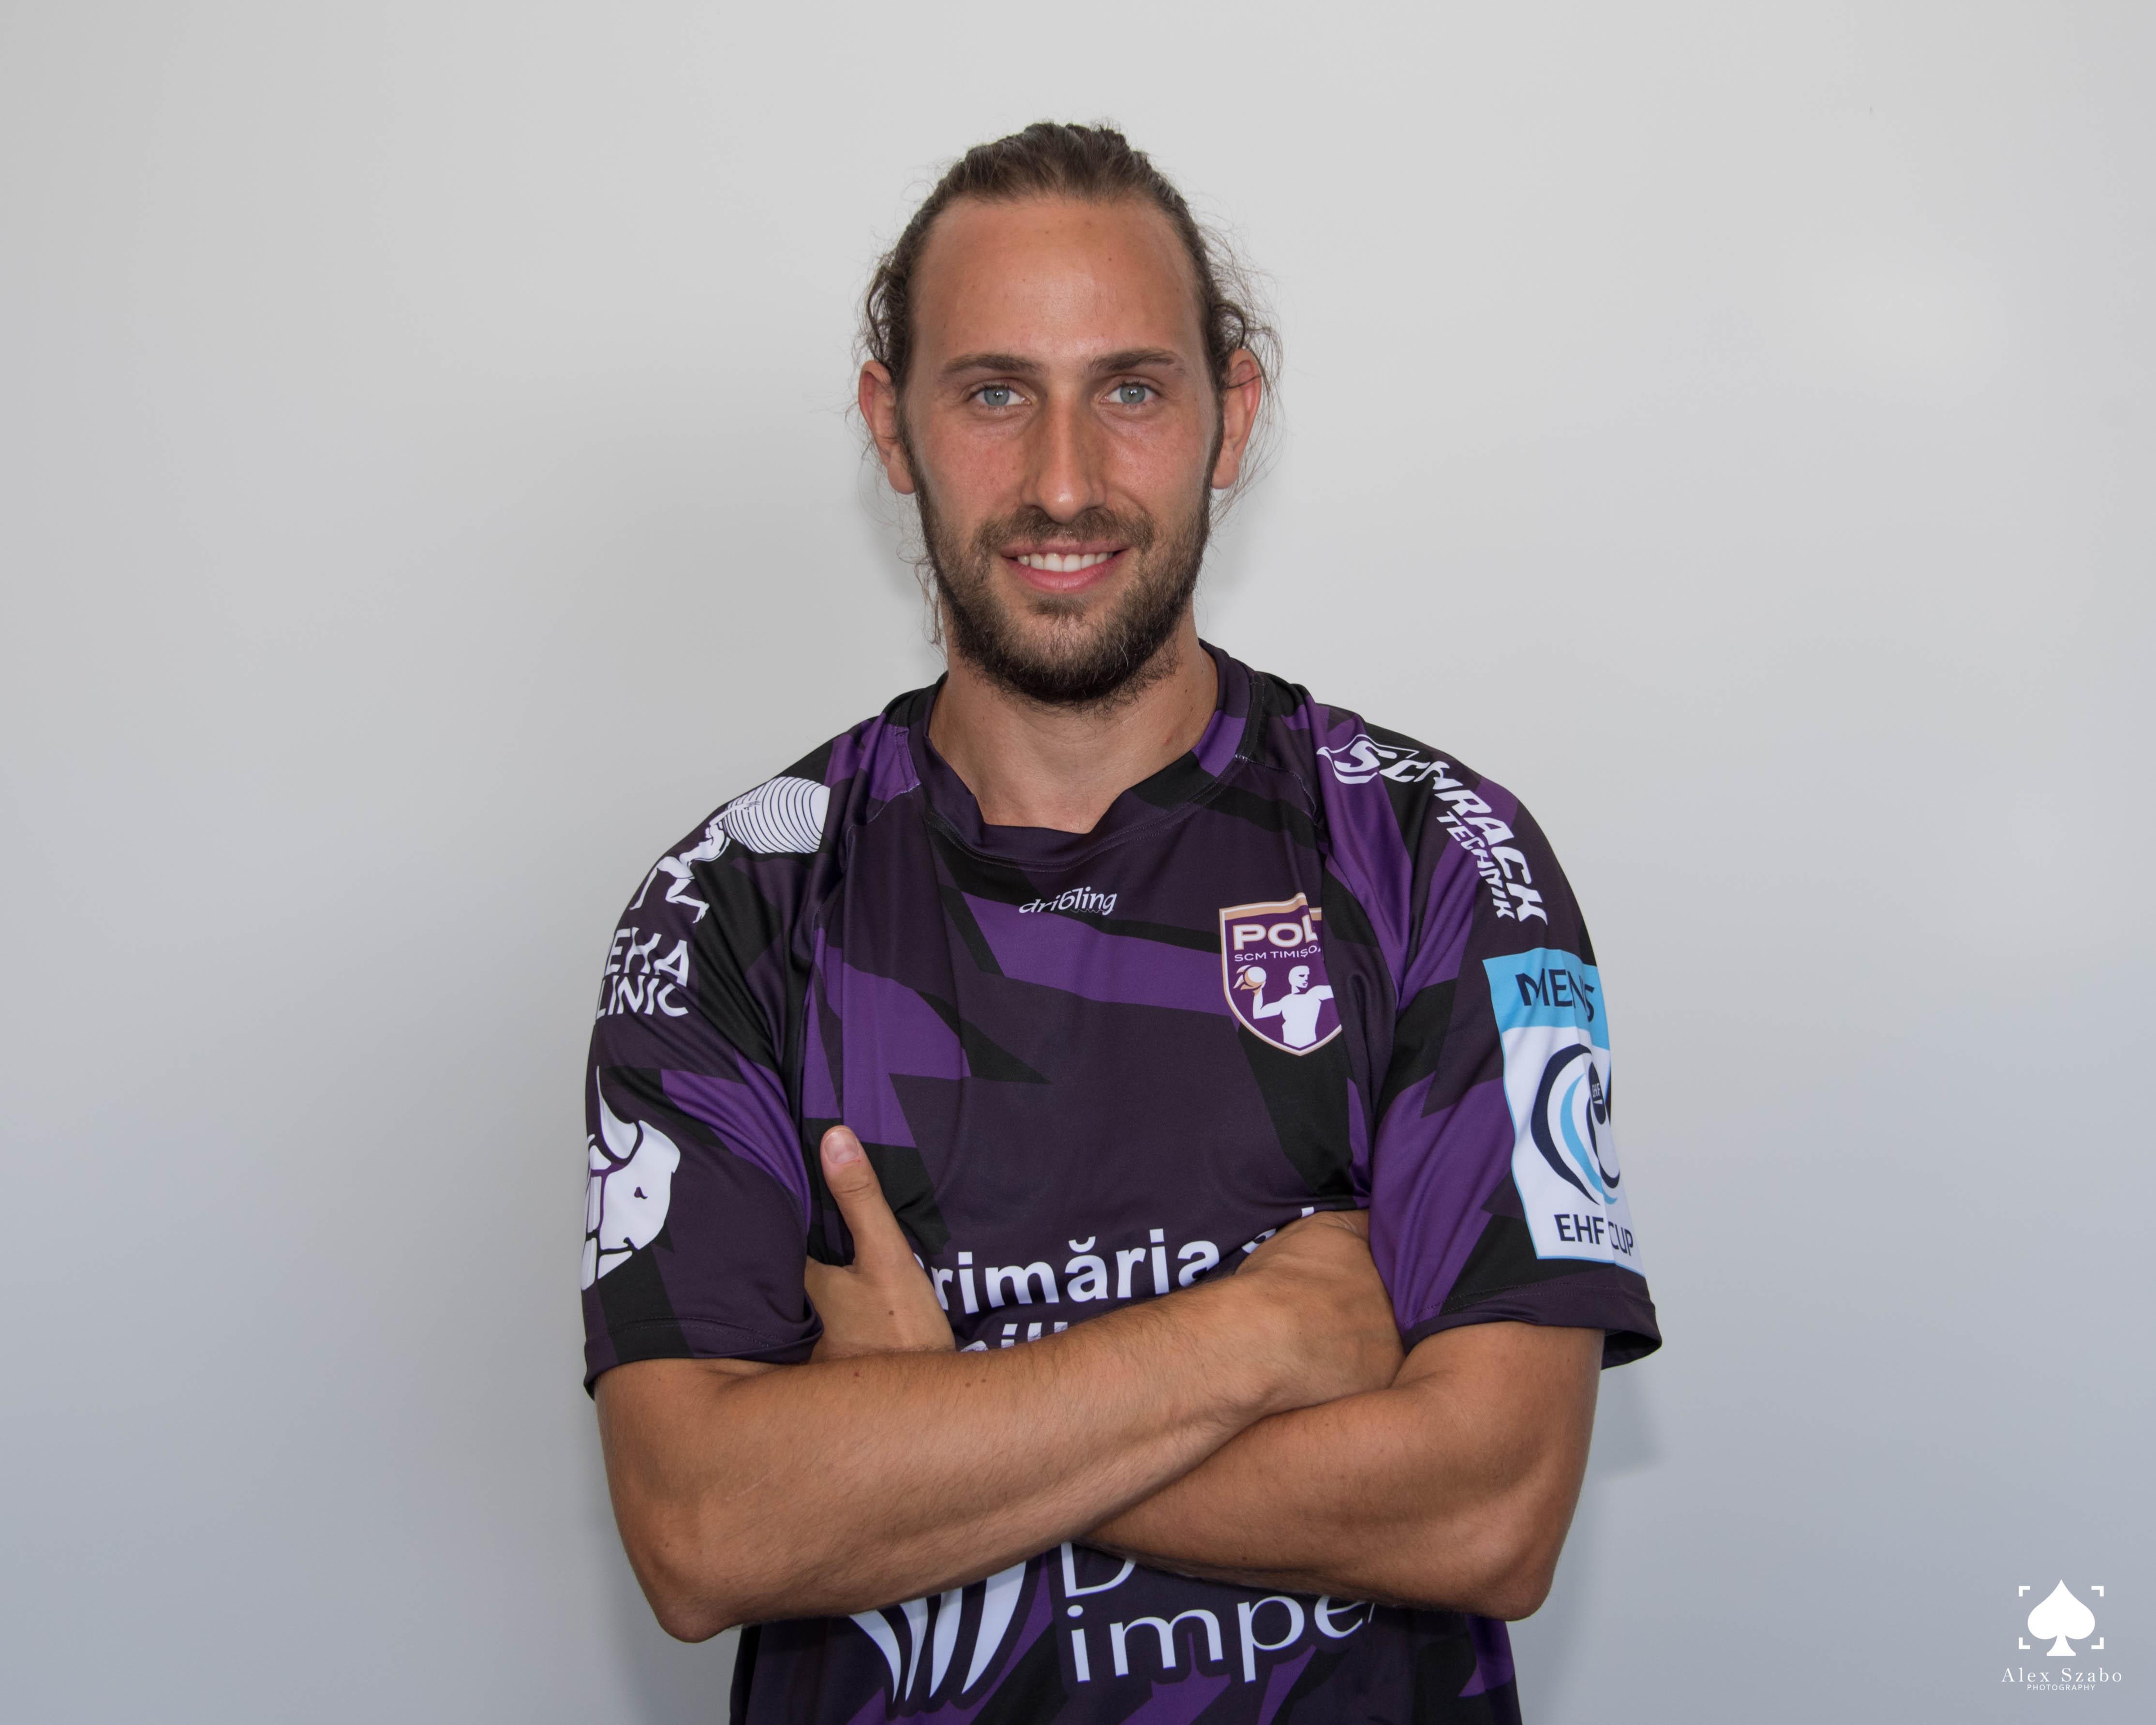 Barros Sergio Henrique Monteiro